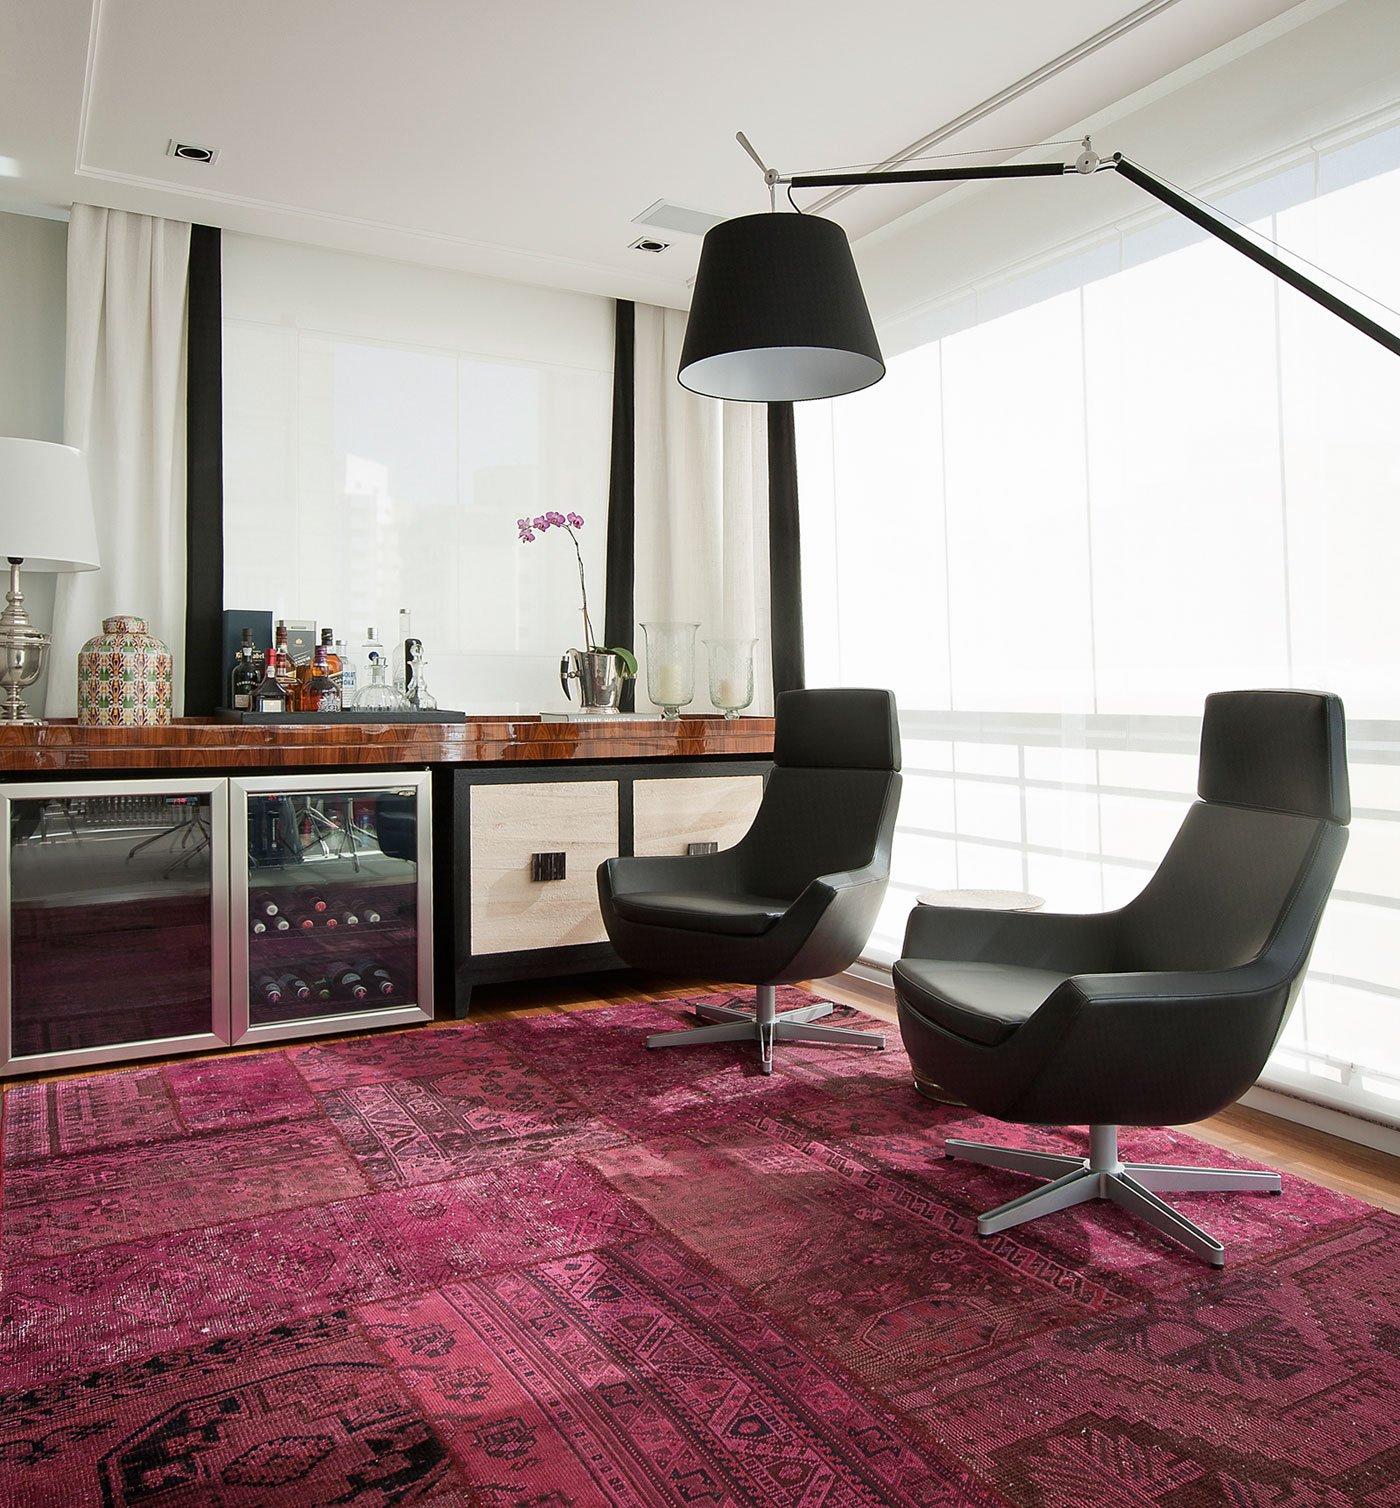 Elegant Home Interiors: An-Elegant-Interior-11